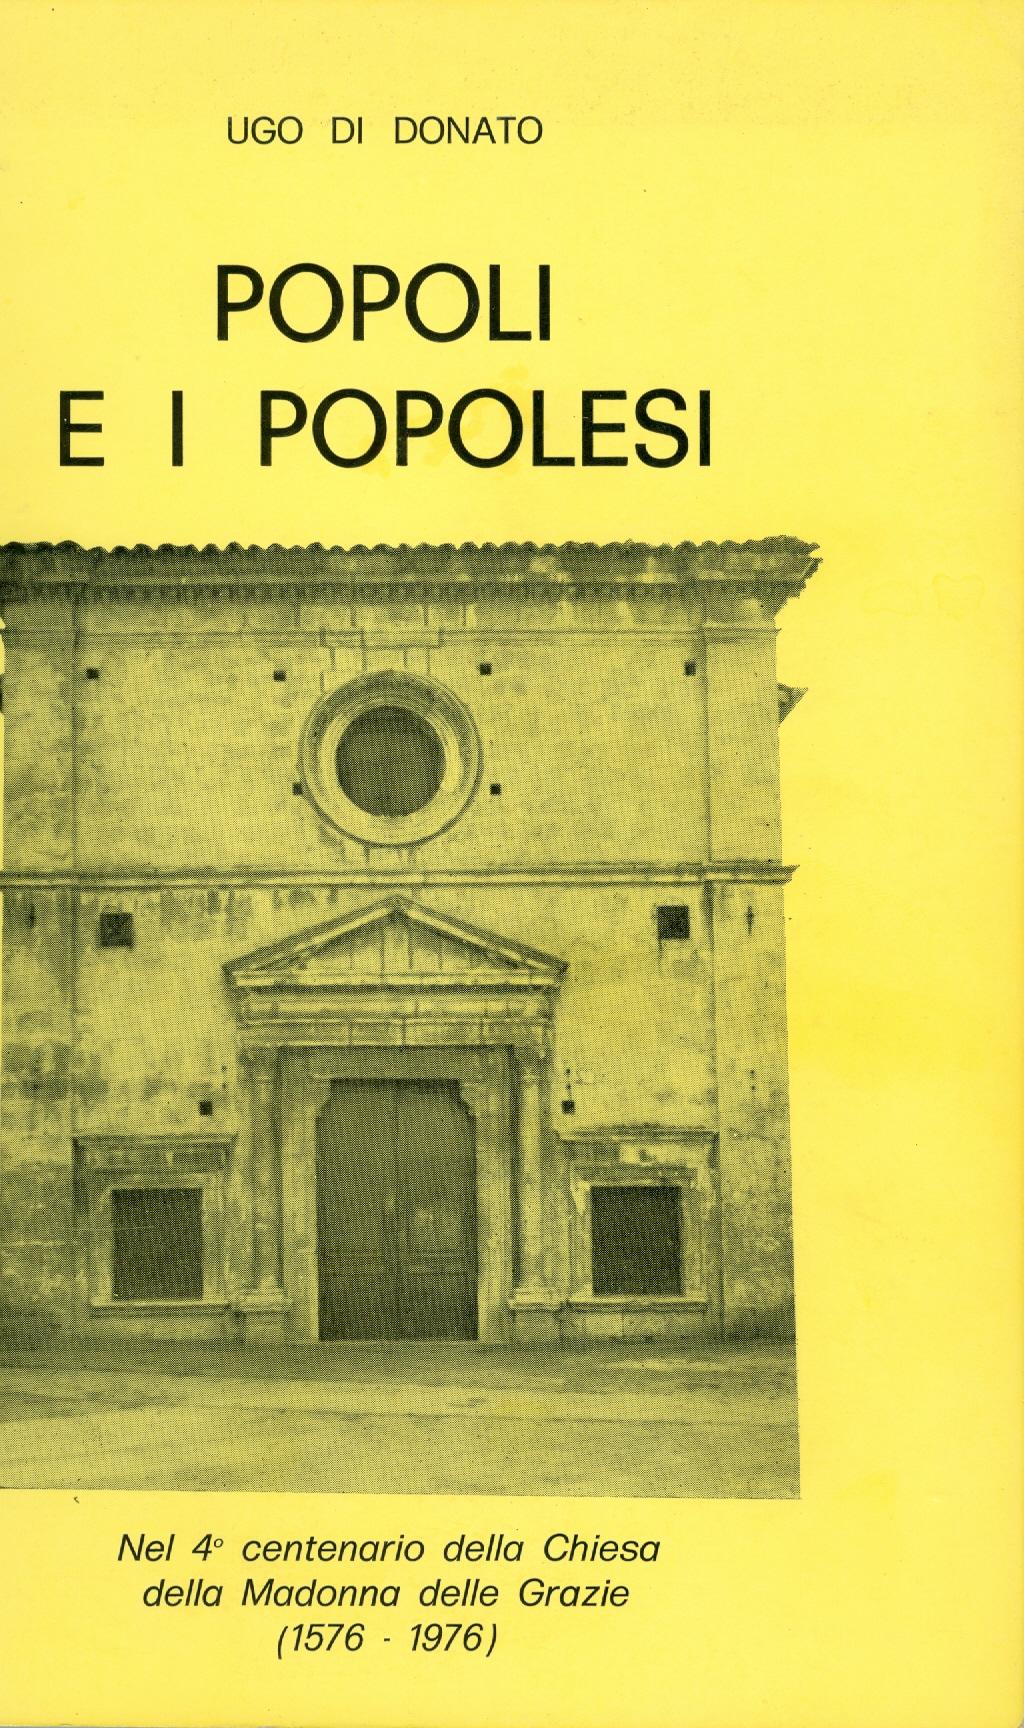 Popoli e i Popolesi